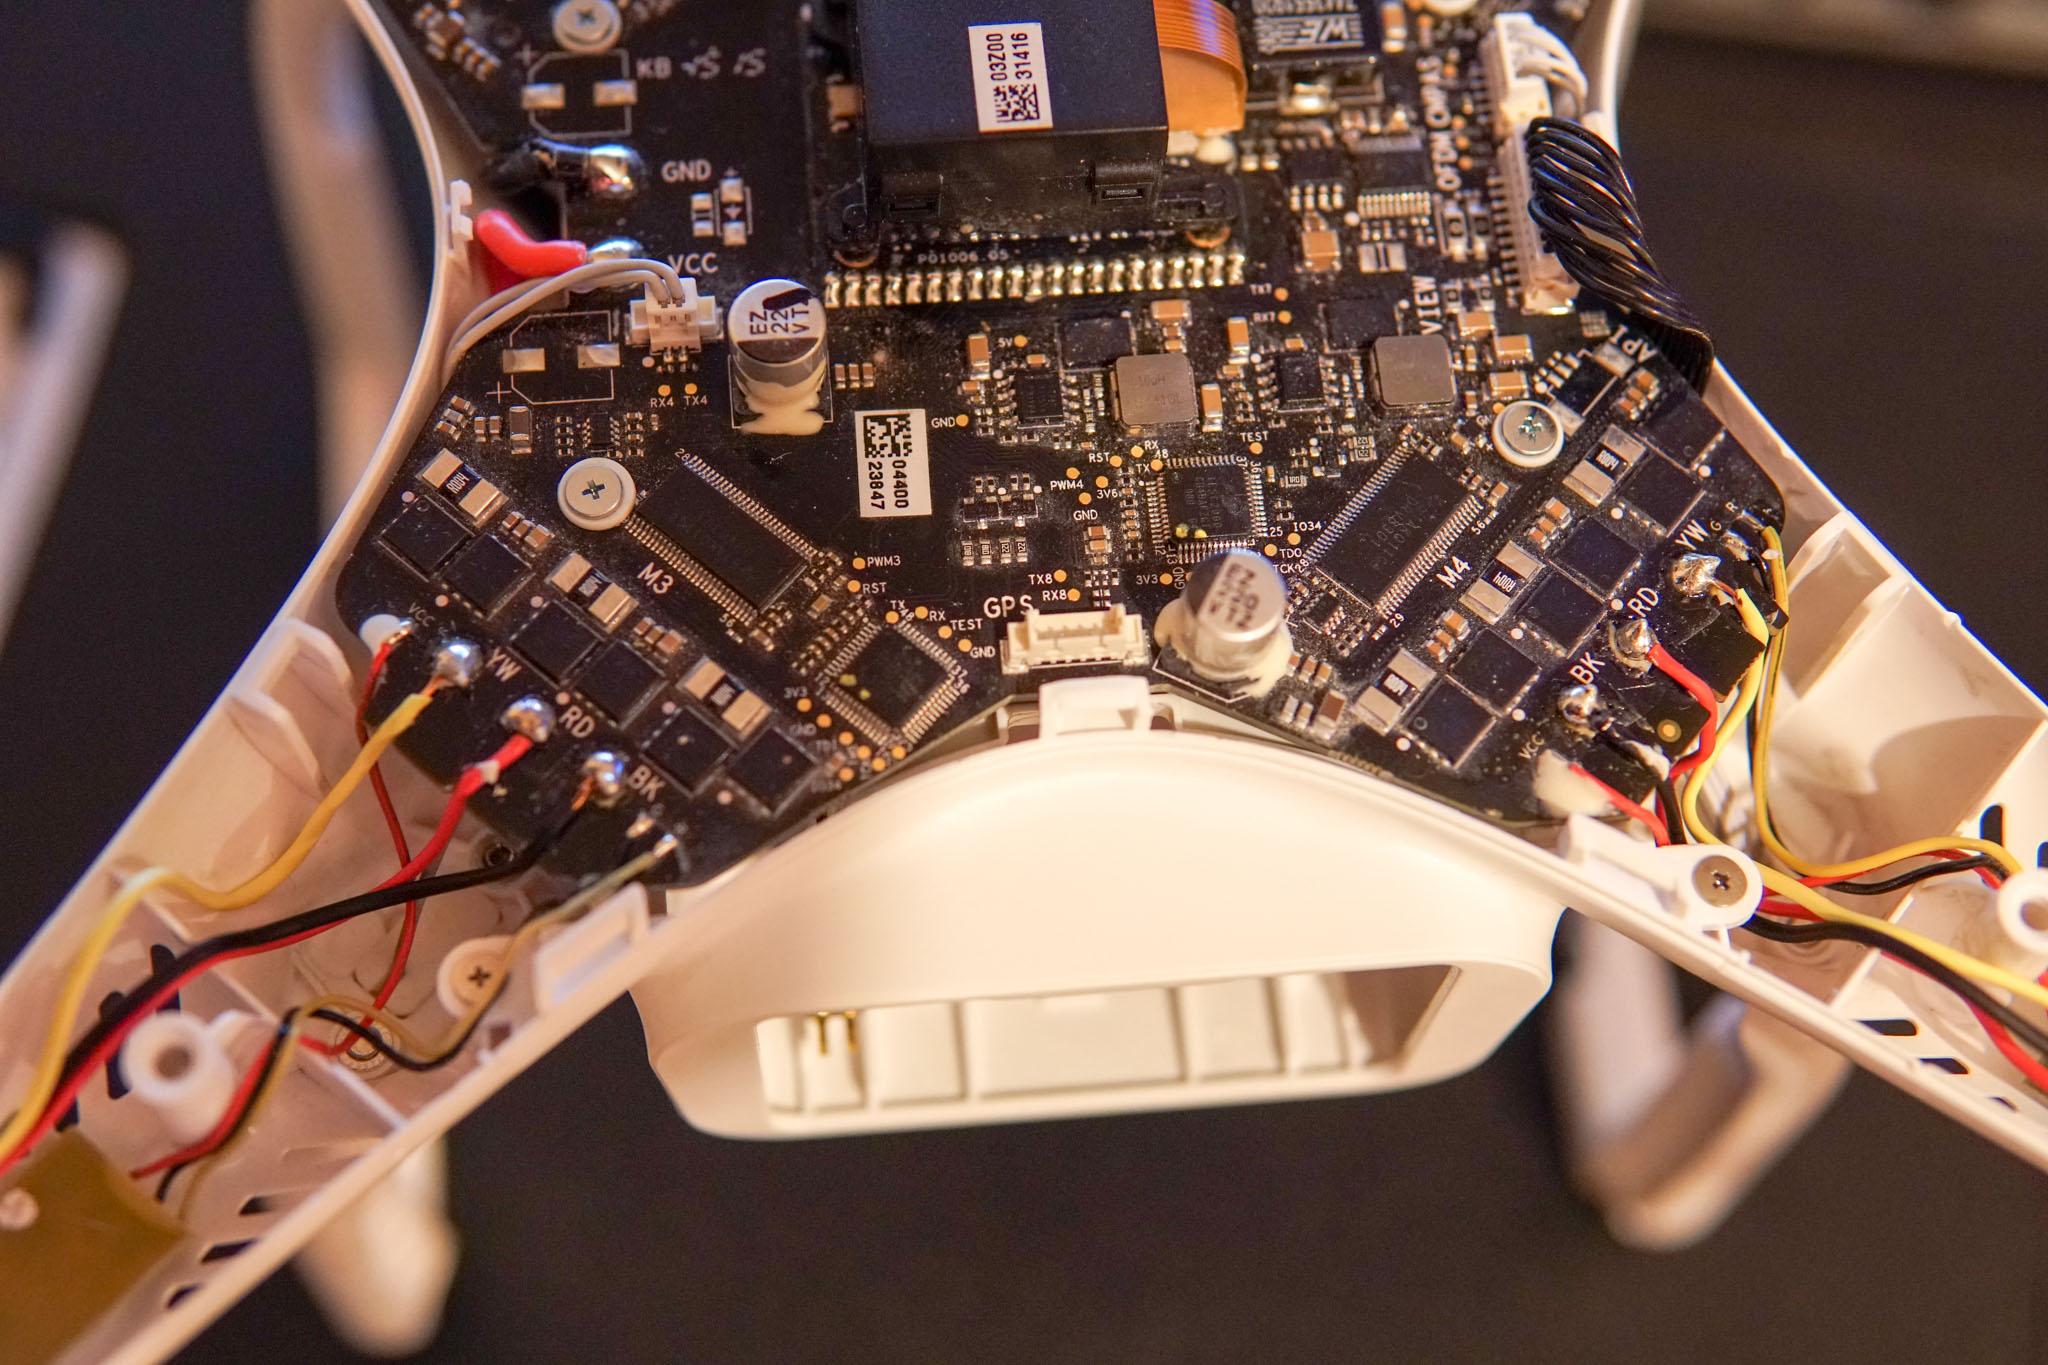 p3p soldering